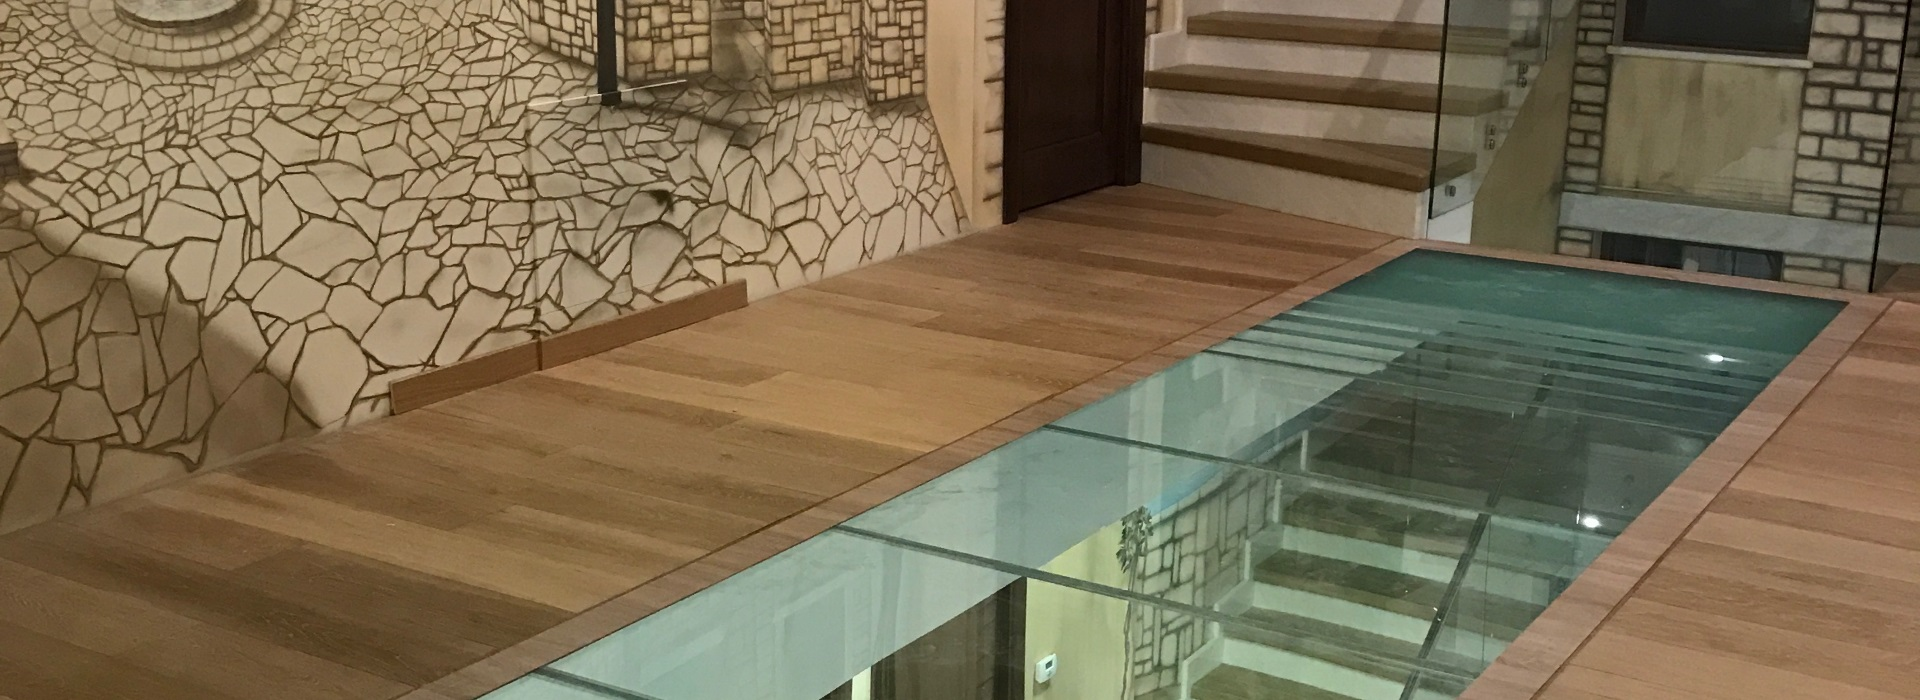 Полы и потолки из стекла